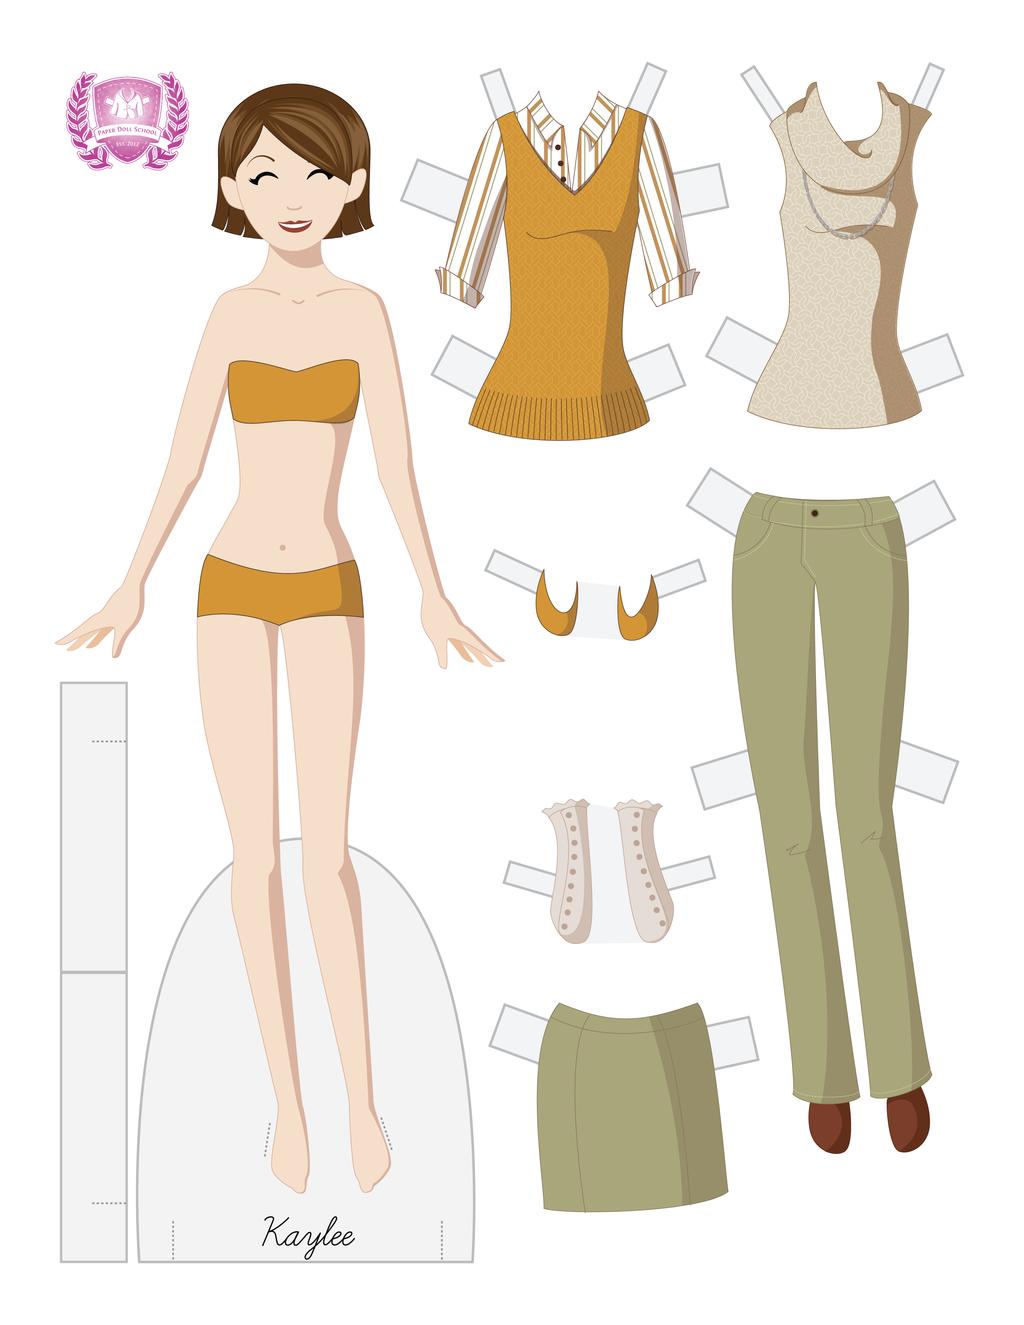 Kaylee Fashion Paper Doll by juliematthews on DeviantArt